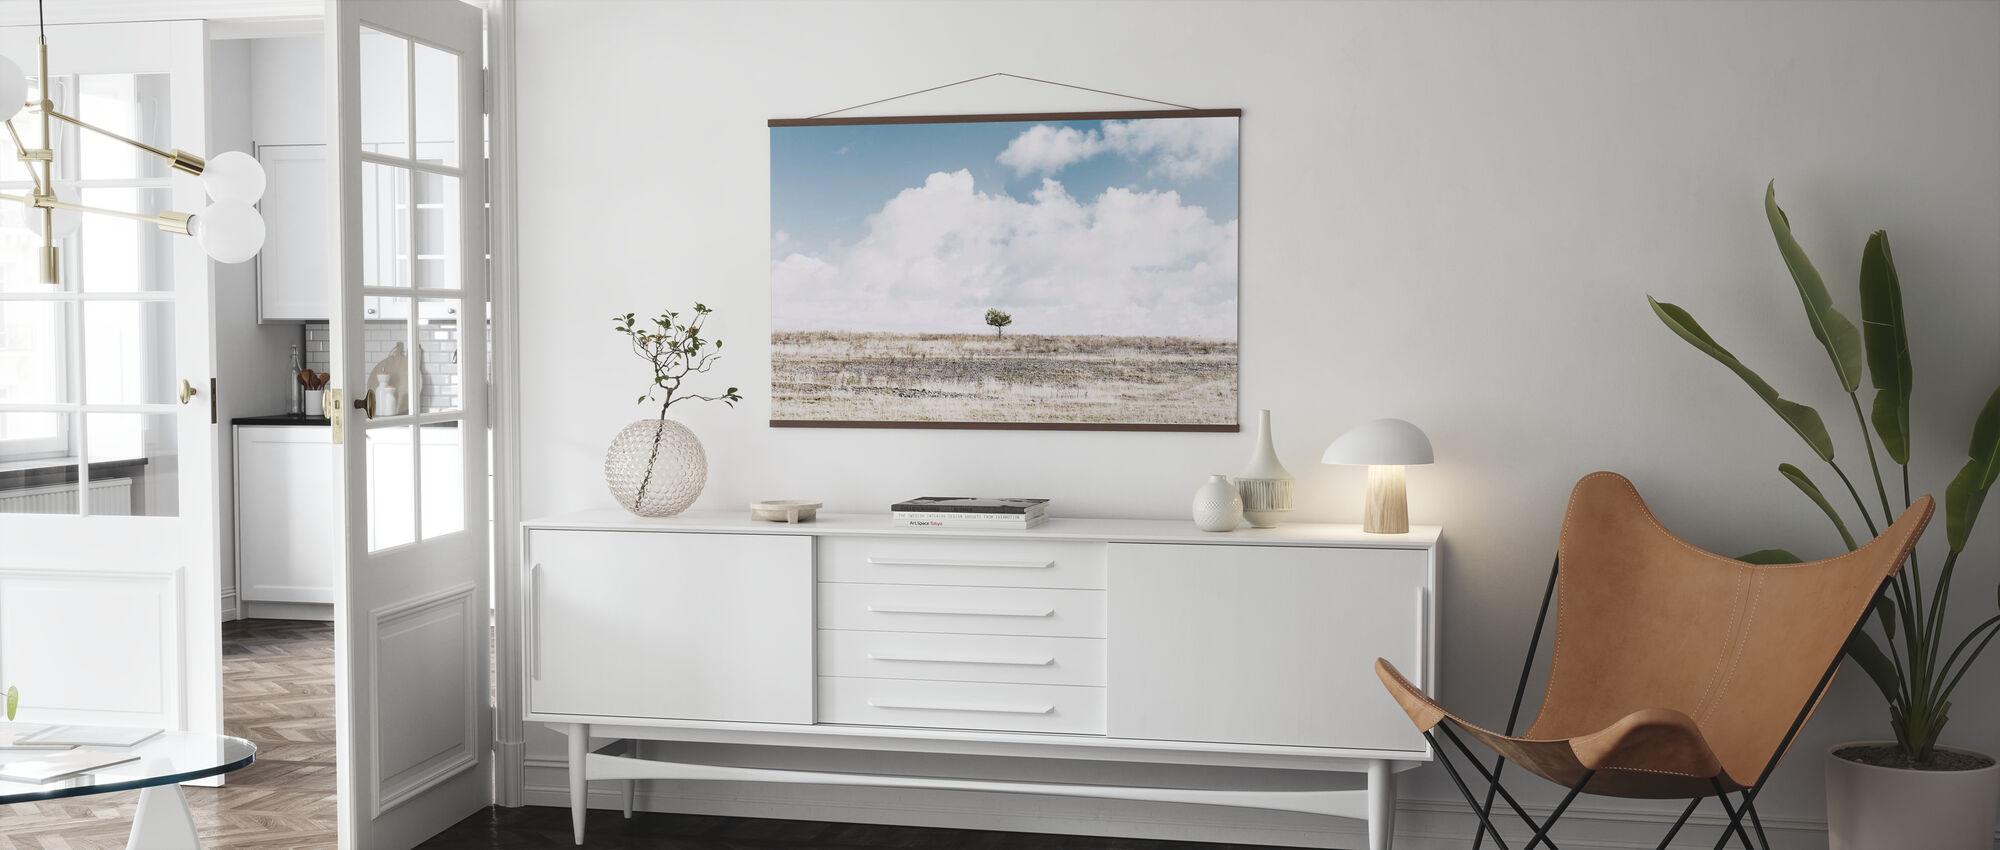 Allein Baum - Poster - Wohnzimmer